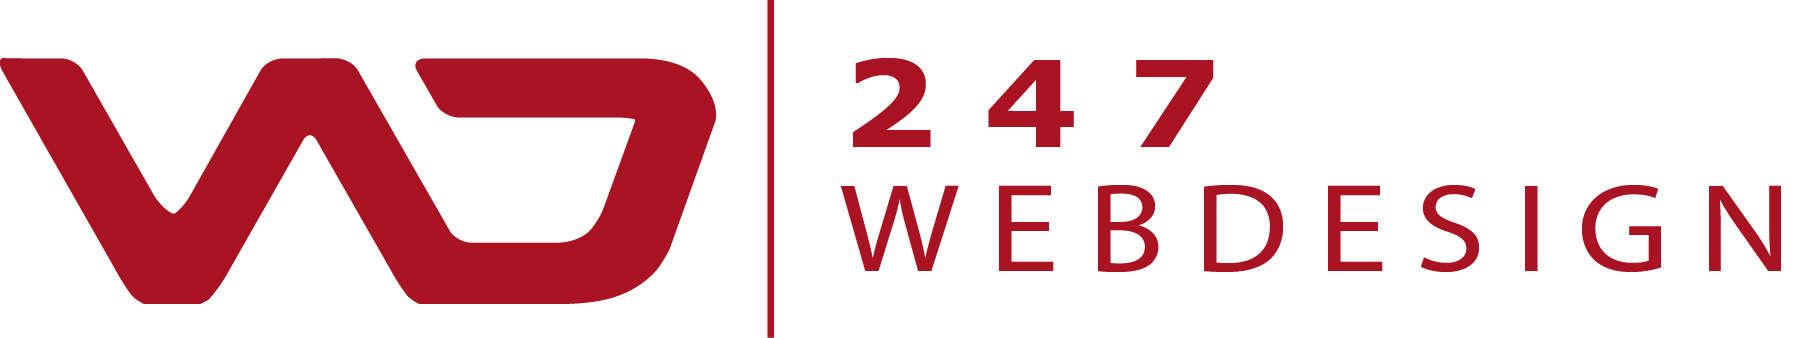 247 Web Design: WordPress Web Design, Dealer website's, Farm Machinery Websites, Affordable Web Packages